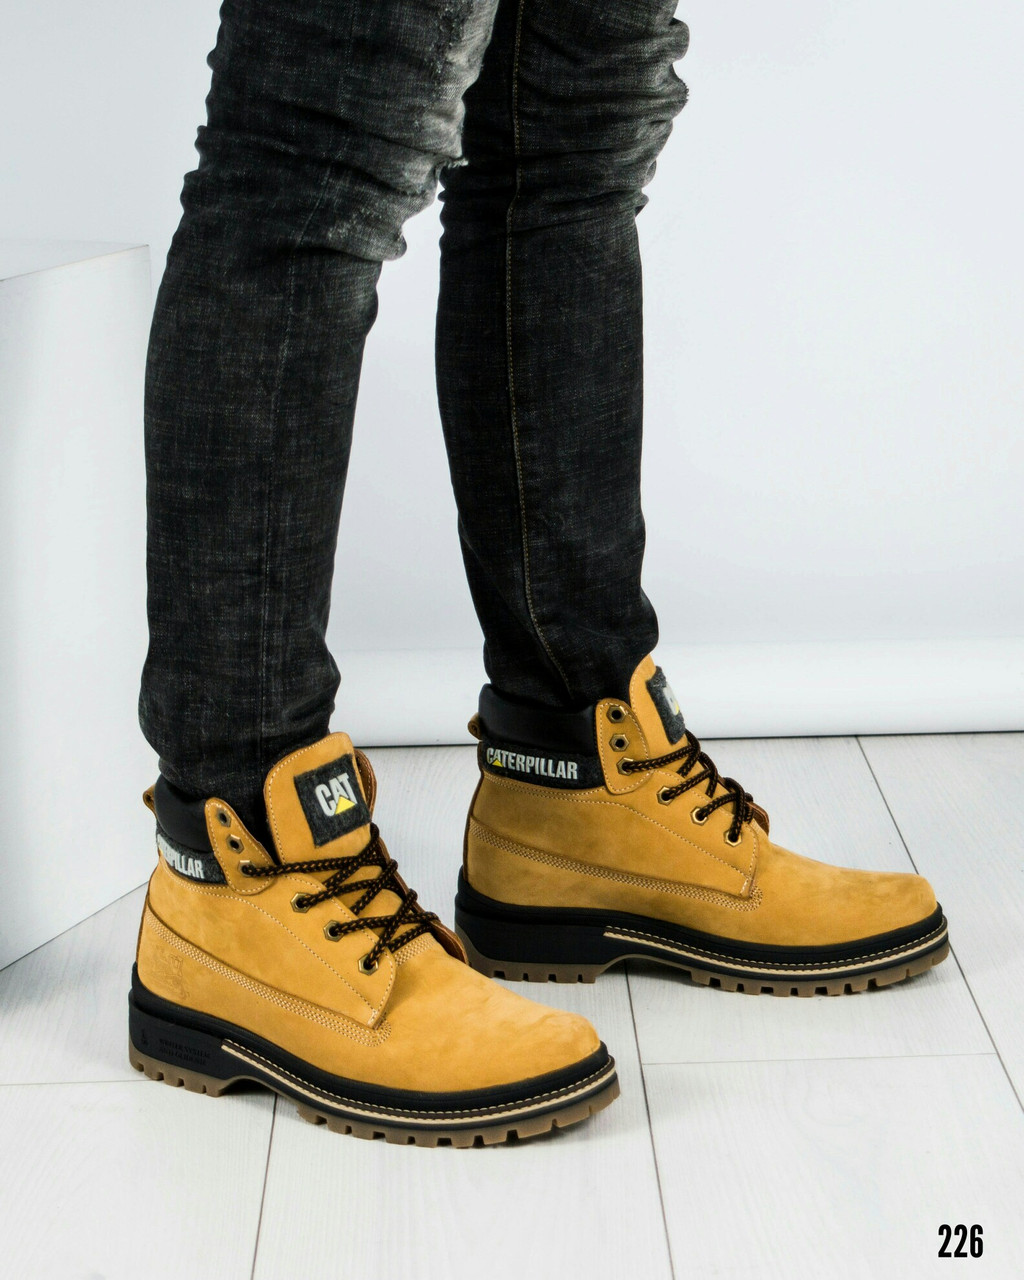 """Ботинки зимние в стиле""""C@terpillar"""" Размер 40"""